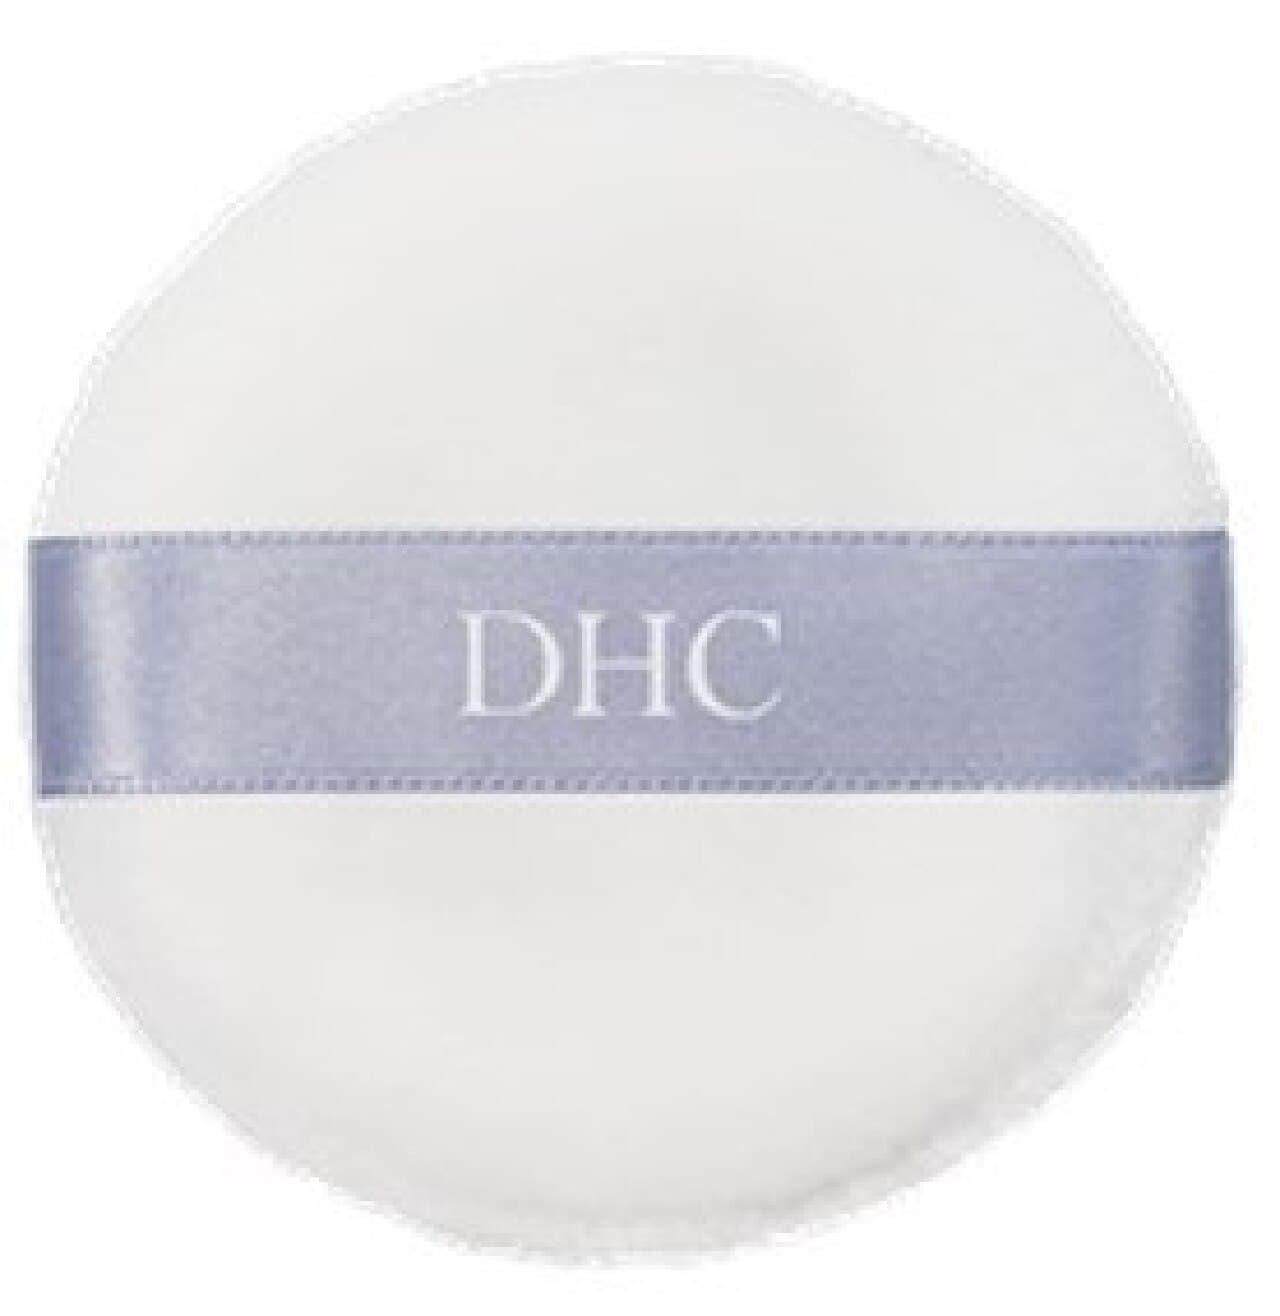 DHC フィニッシングパウダー専用パフ